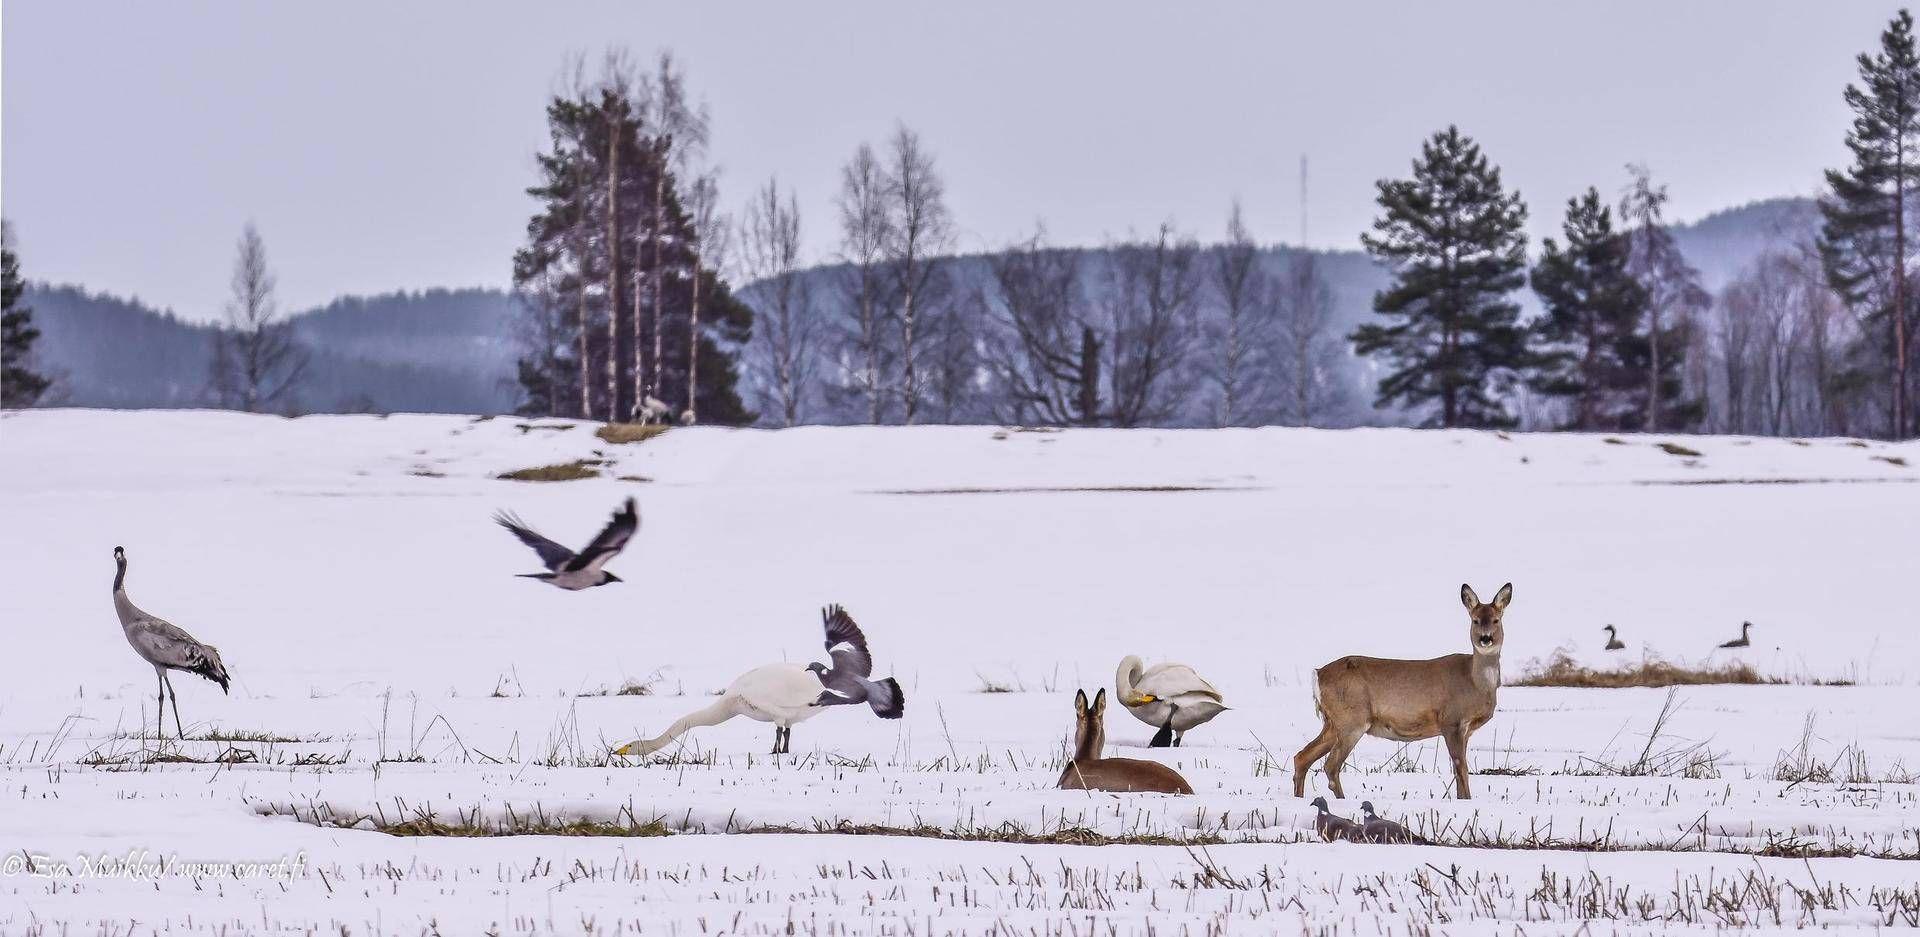 Esa Muikun huikeaa luontokuvaa ei uskota aidoksi – löydätkö kaikki kuusi eläinlajia? - Kotimaa - Ilta-Sanomat